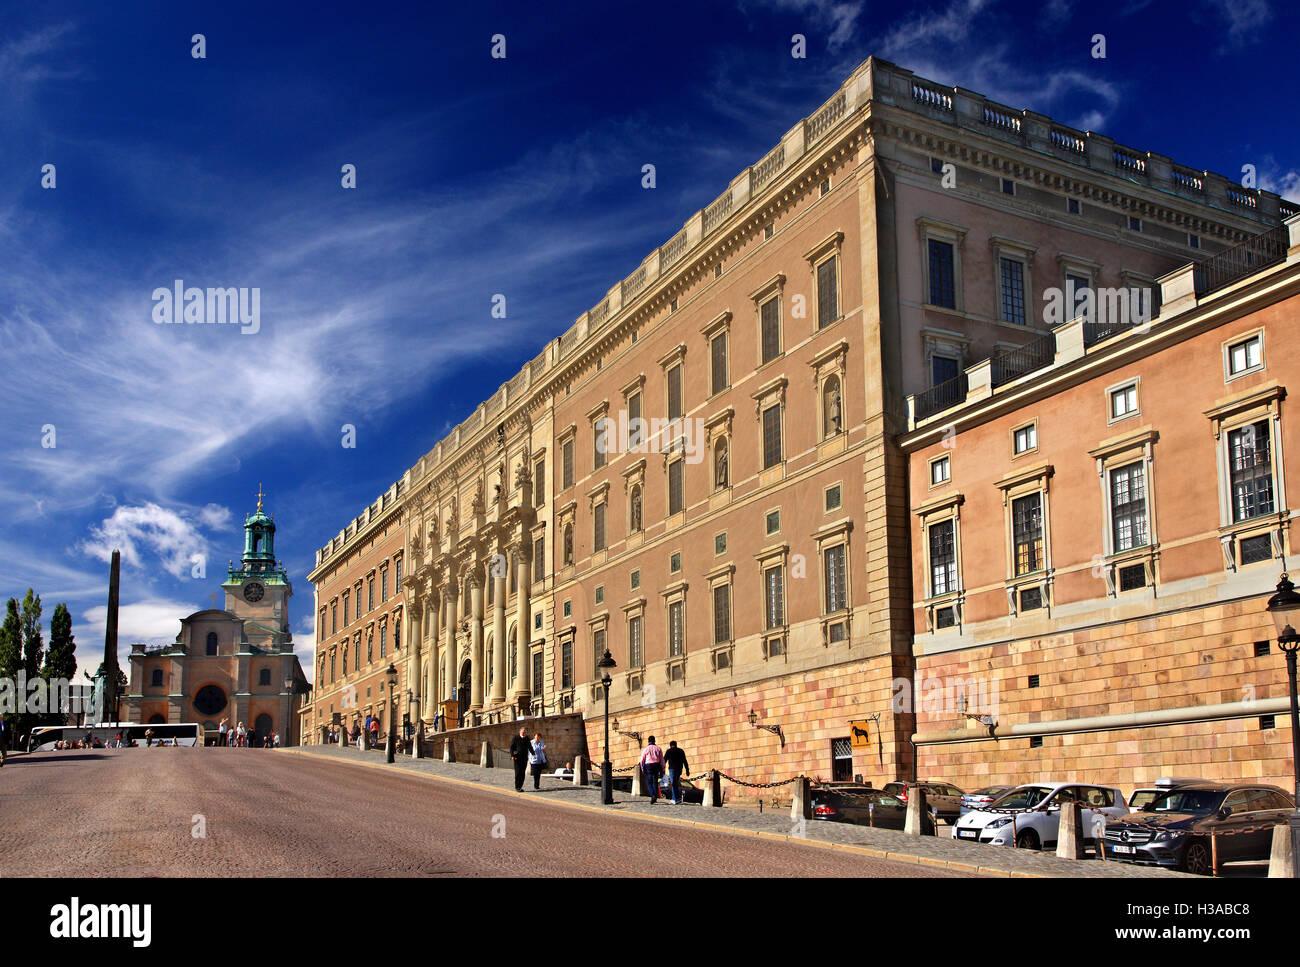 Der Knigliche Palast Kungliga Slottet In Gamla Stan Altstadt Stockholm Schweden